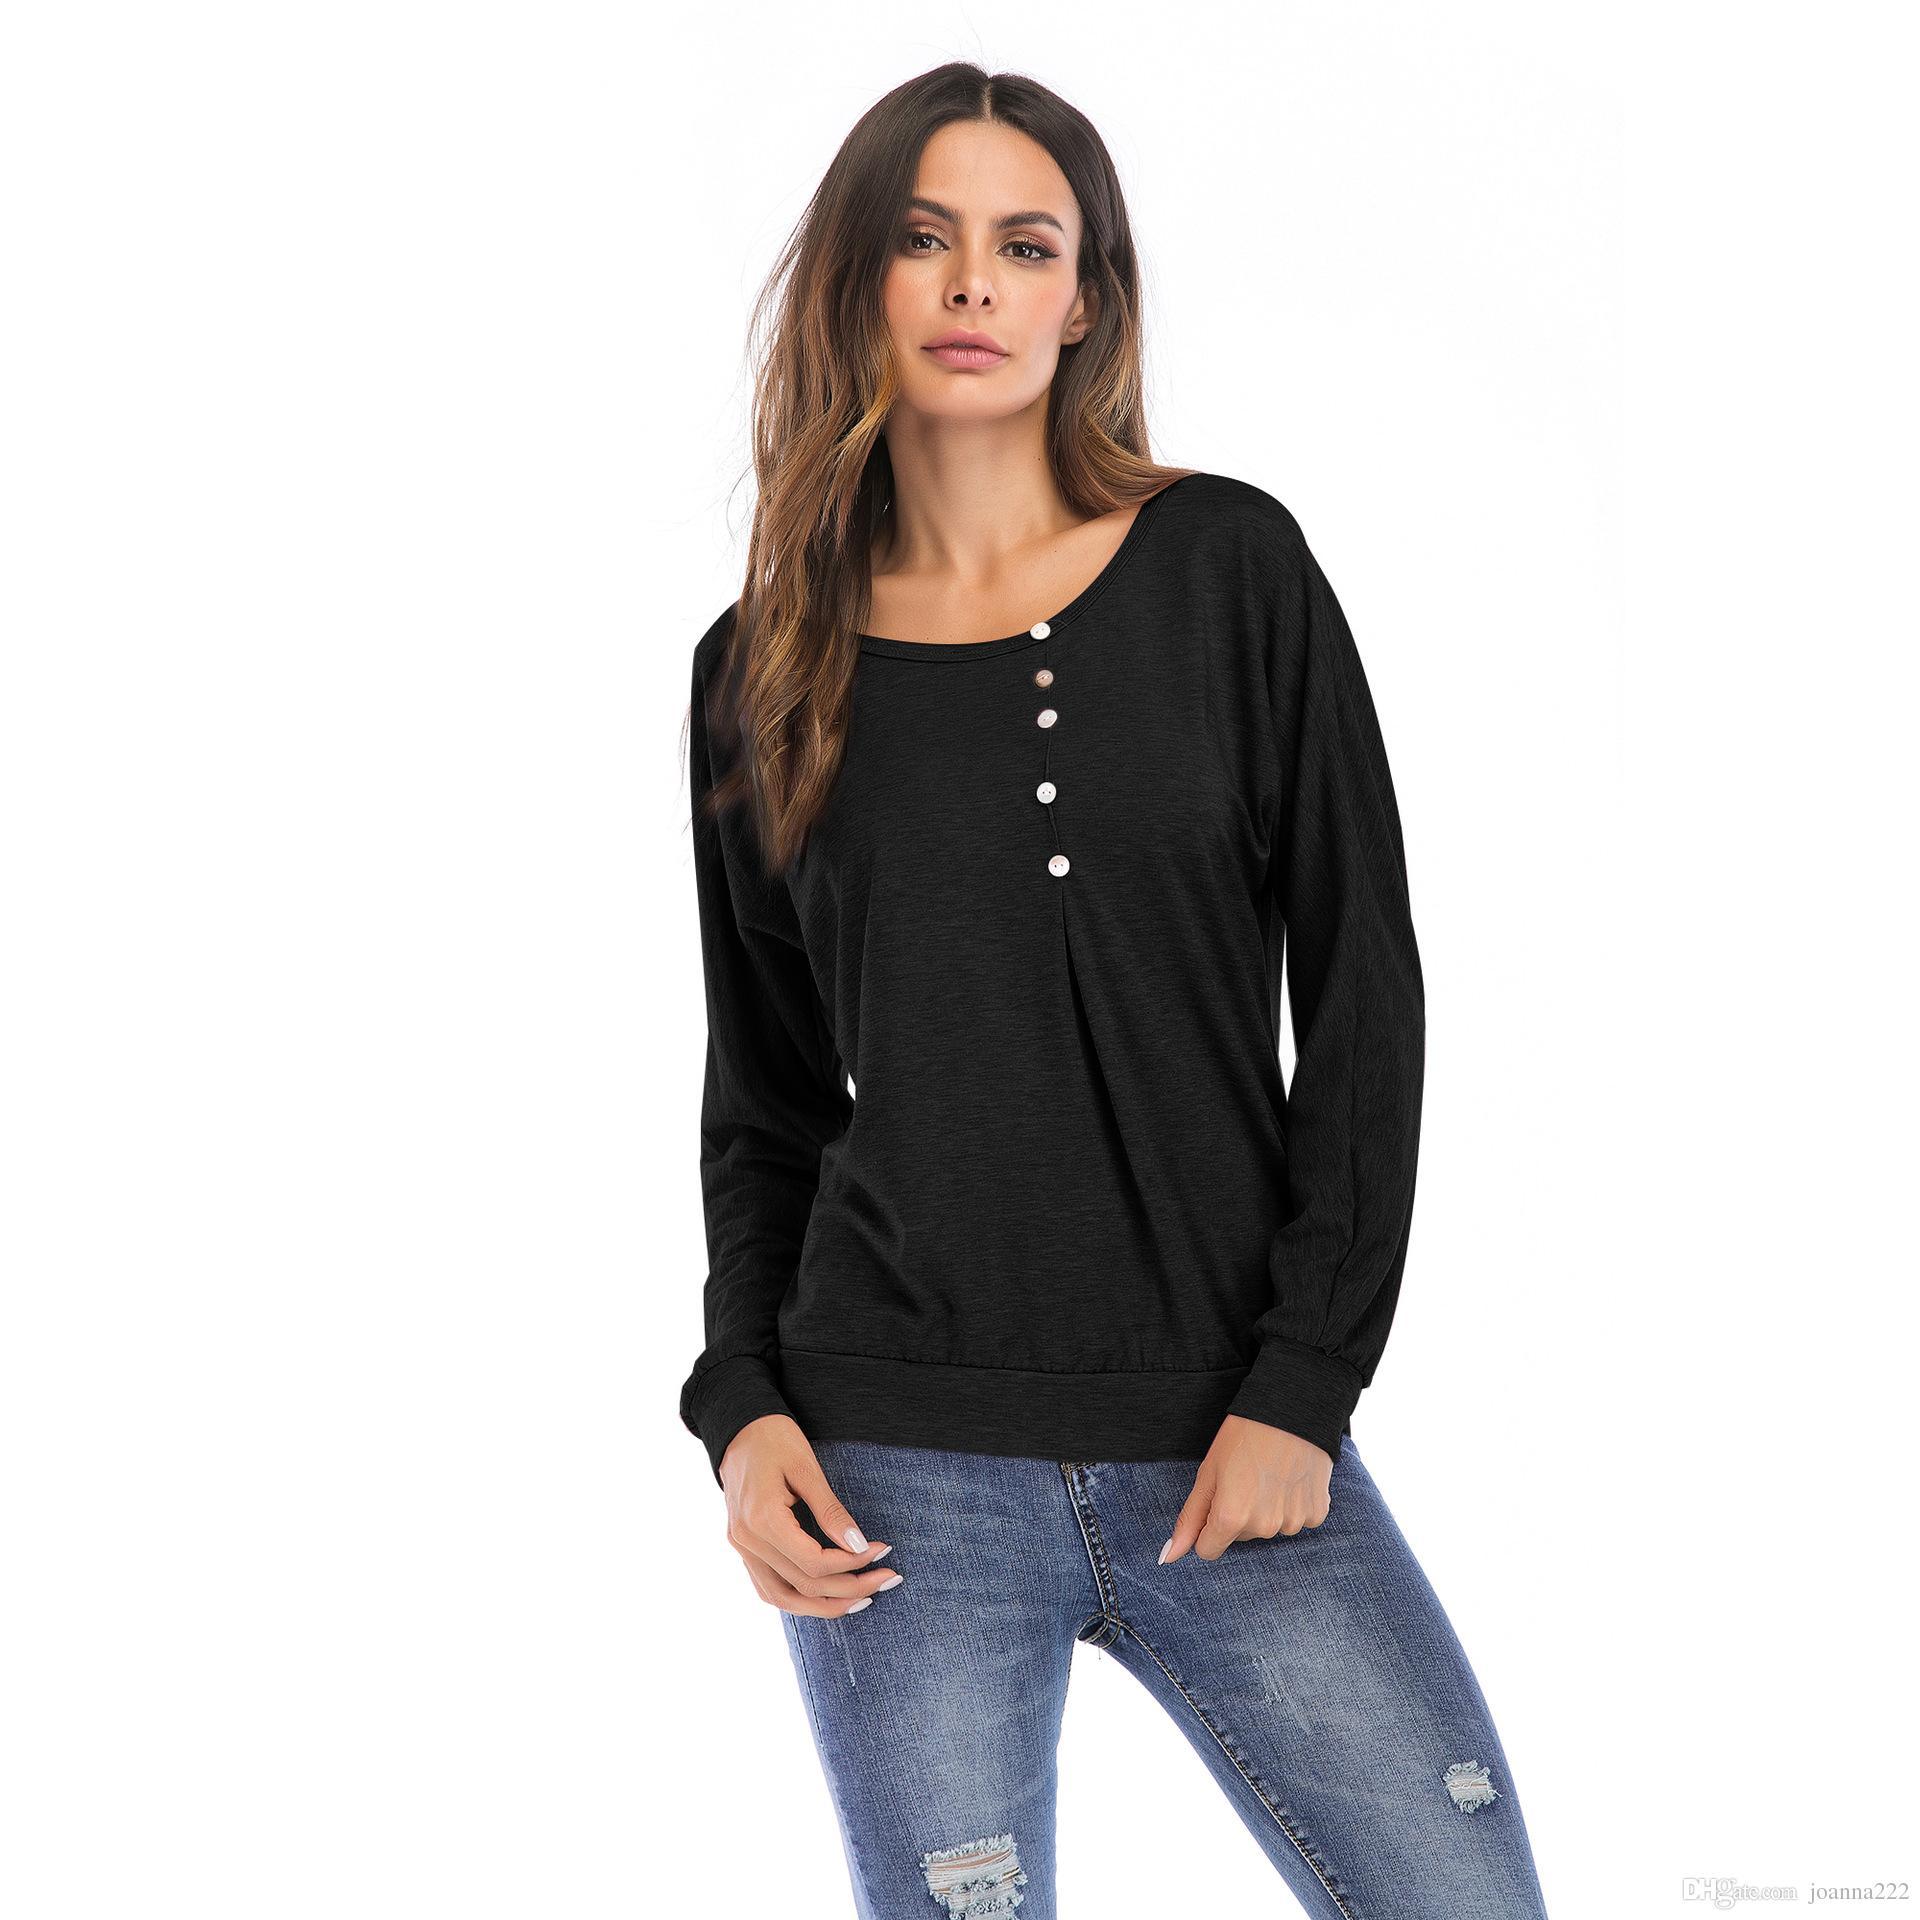 2018 осень горячая мода Женская футболка шею сплошной цвет кнопка декоративные свободные головы с длинными рукавами рубашки